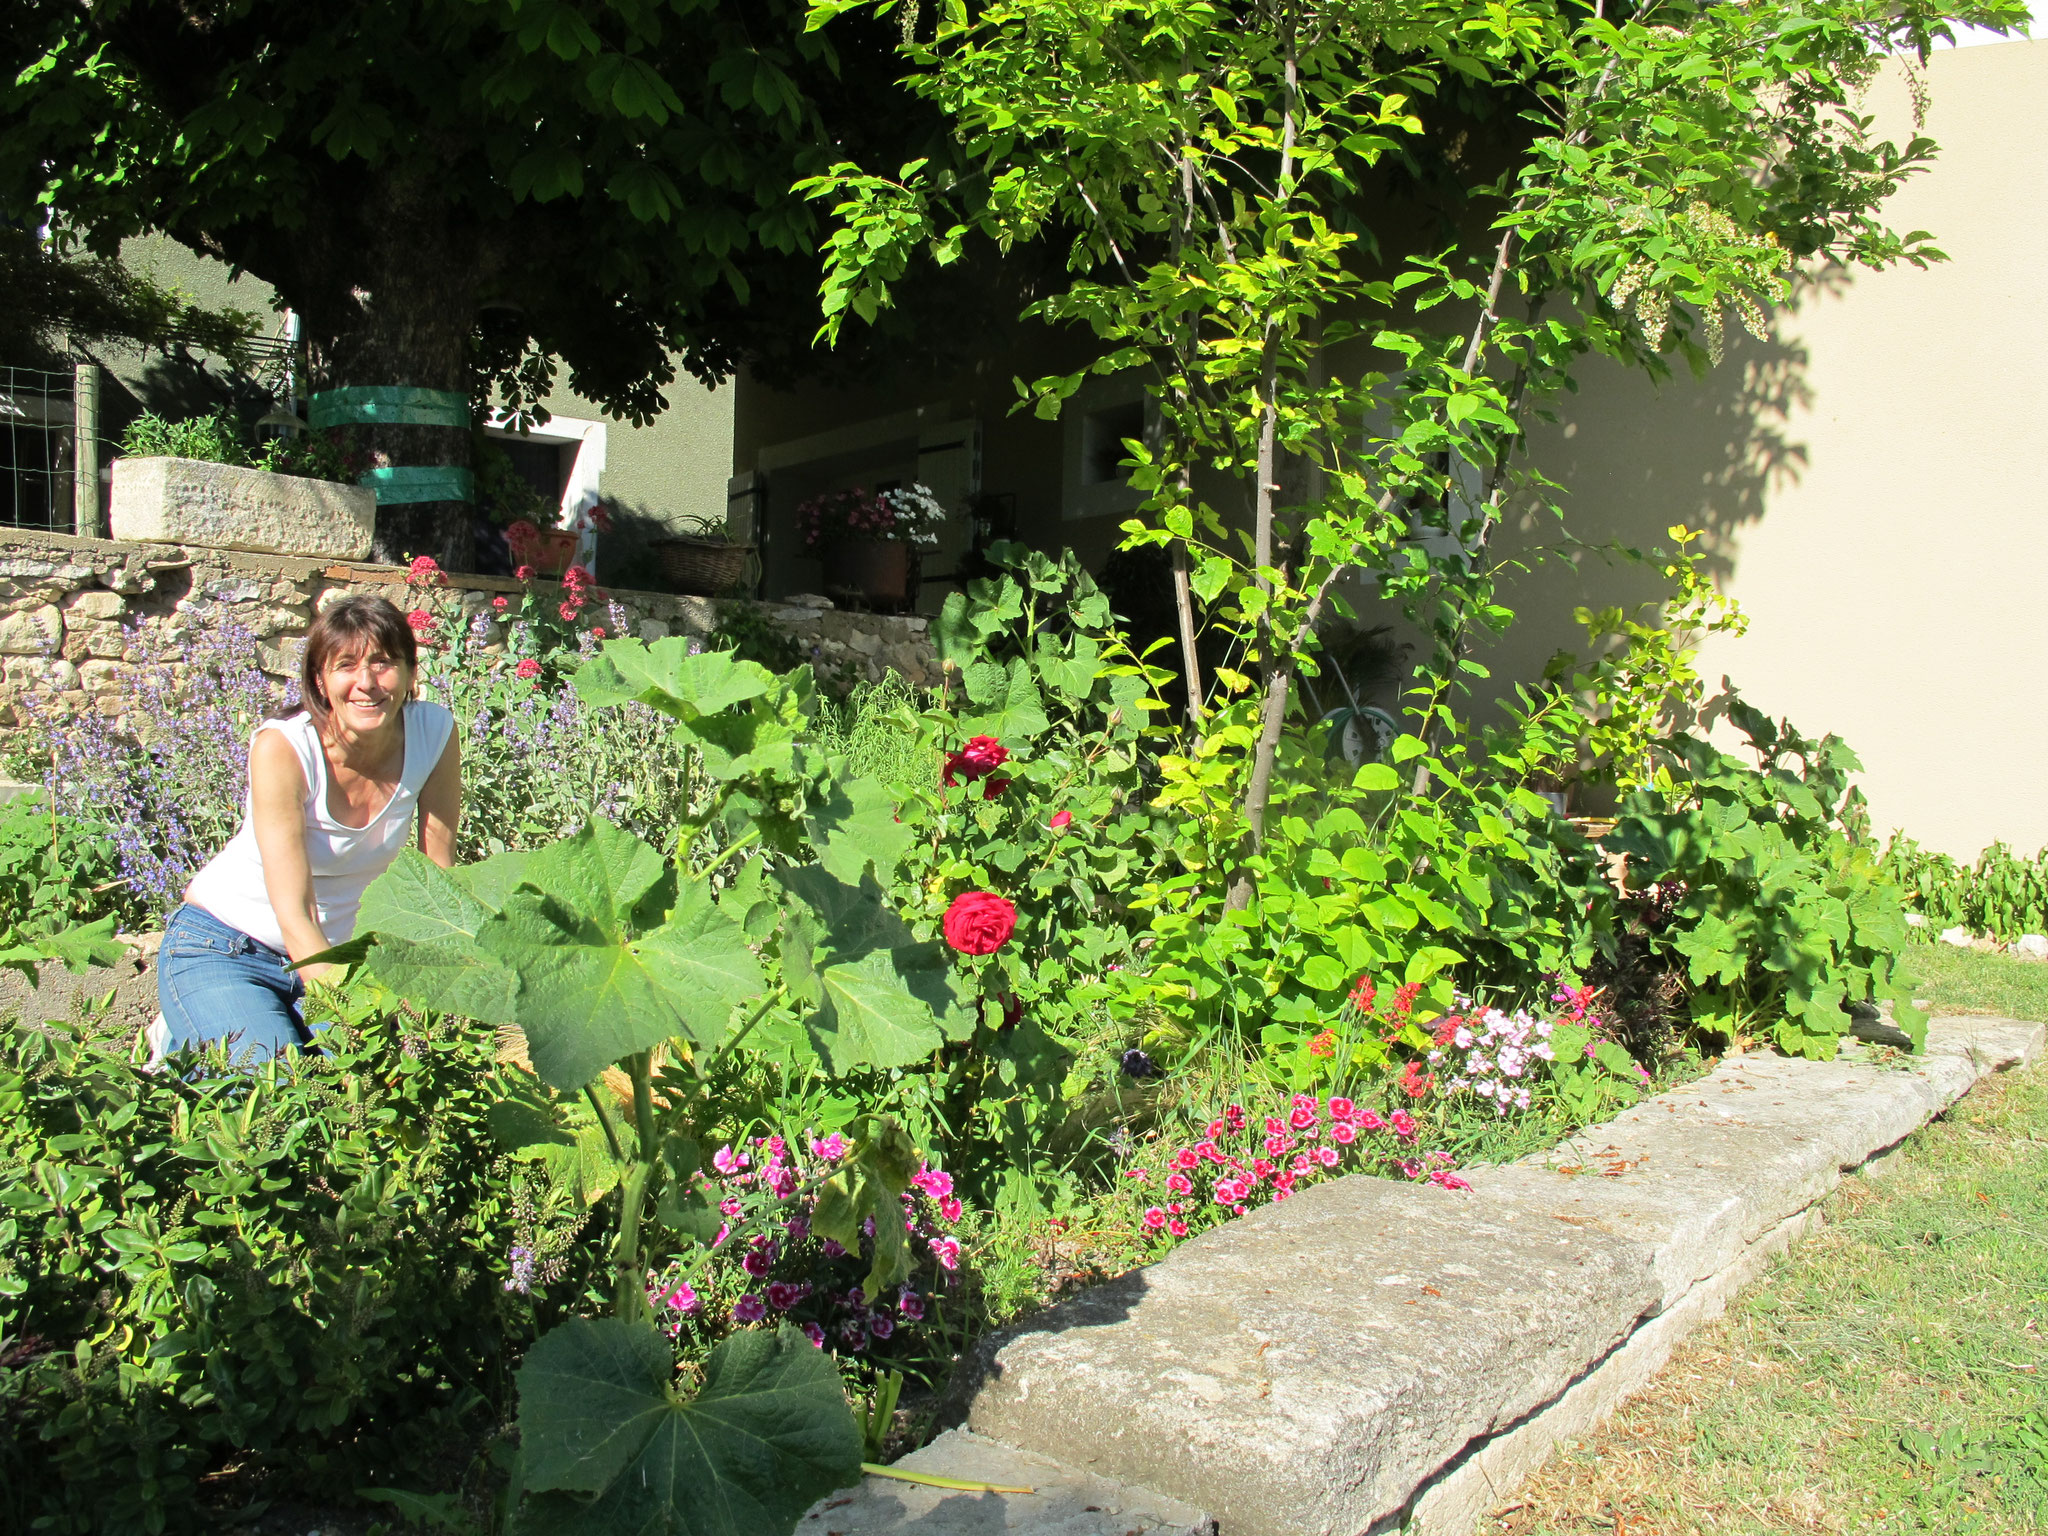 loucardaline-bedoin-ventoux-chambre d hotes-vaucluse-vacances-famille-été-fleur-vacances